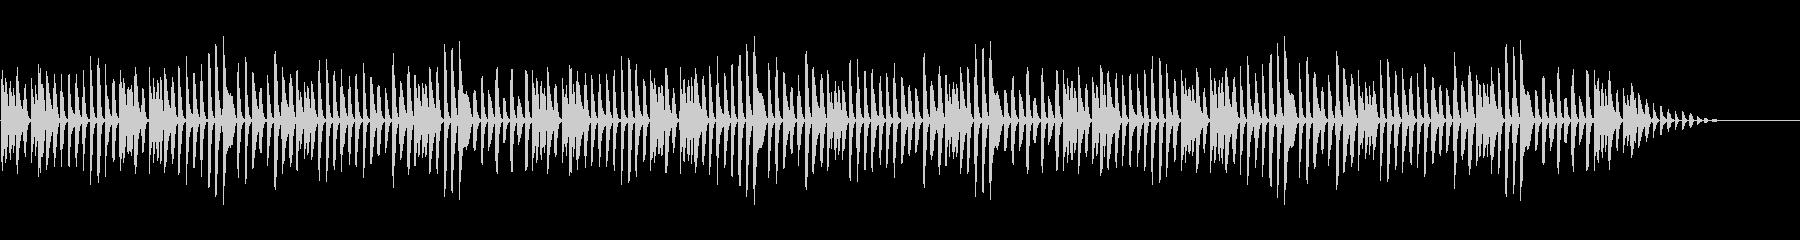 童謡「茶色の小瓶」シンプルなピアノソロの未再生の波形